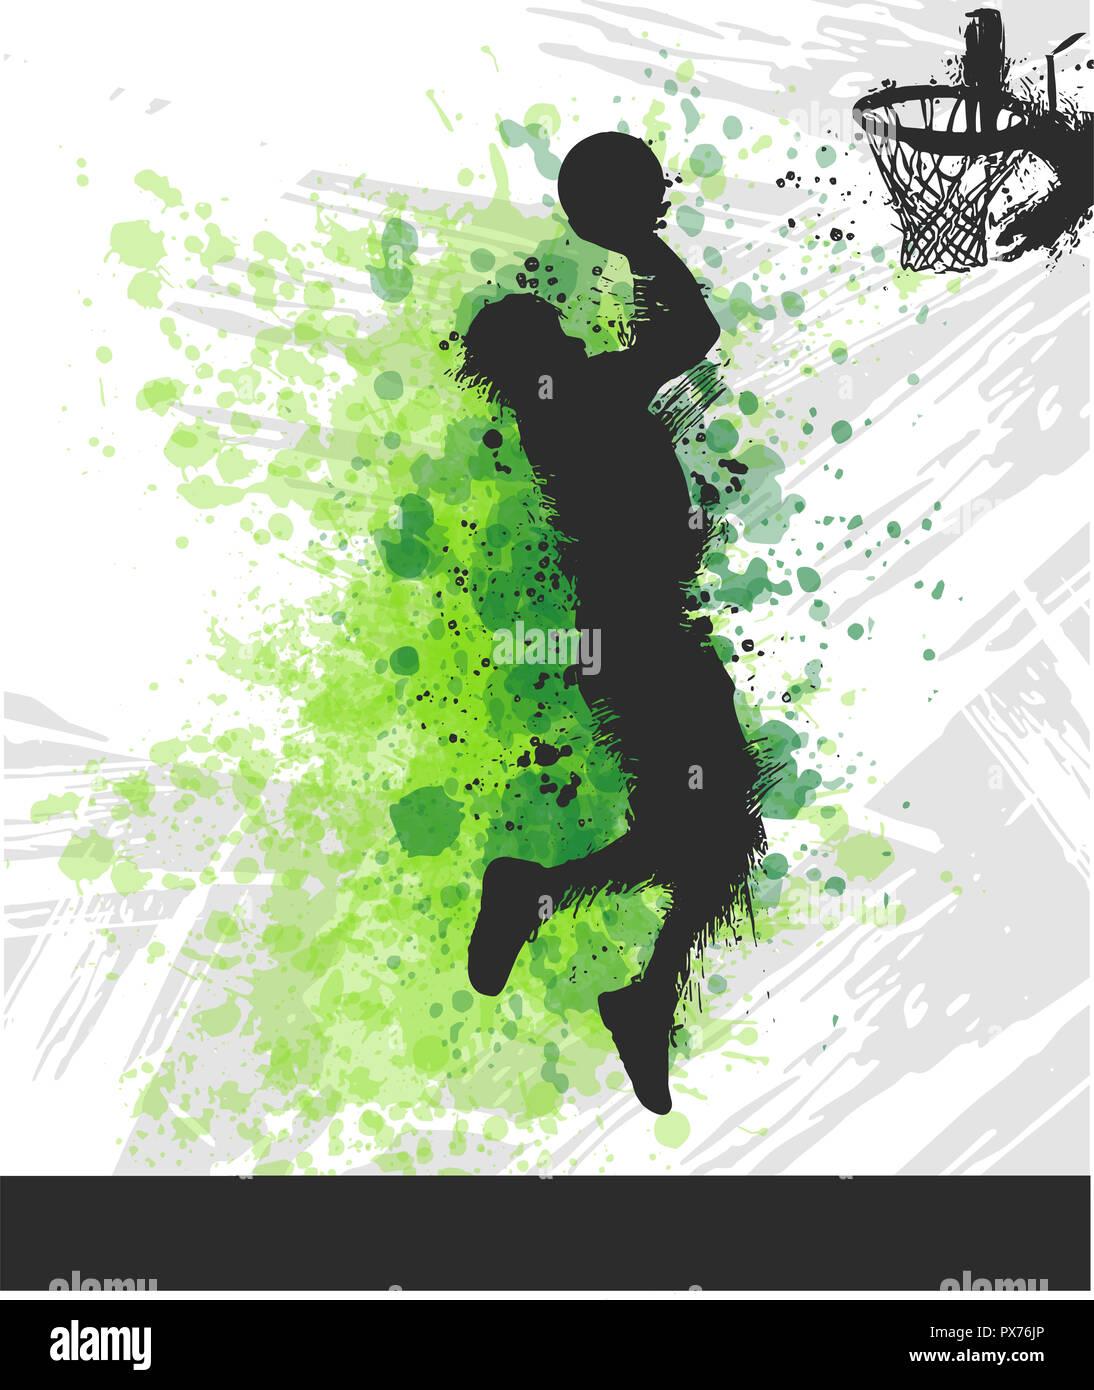 Ilustración Digital pintura de un jugador de baloncesto Imagen De Stock